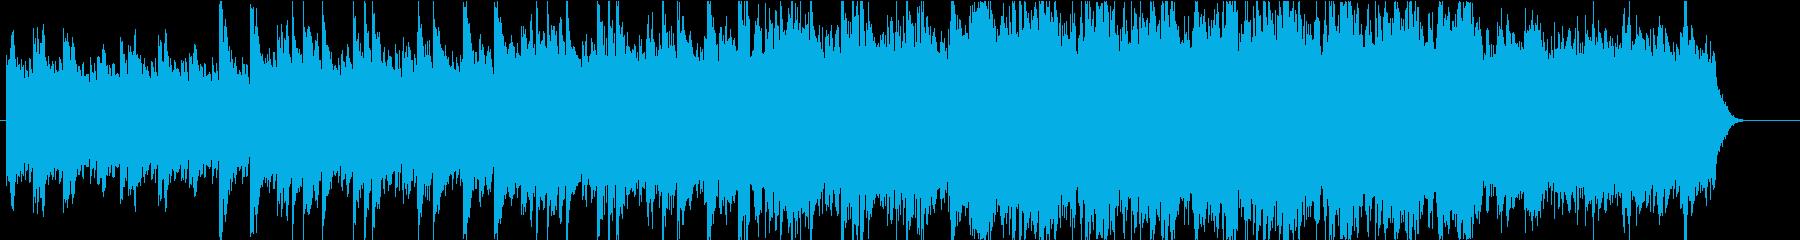 【企業VP】壮大・飛躍・爽やかなBGMの再生済みの波形